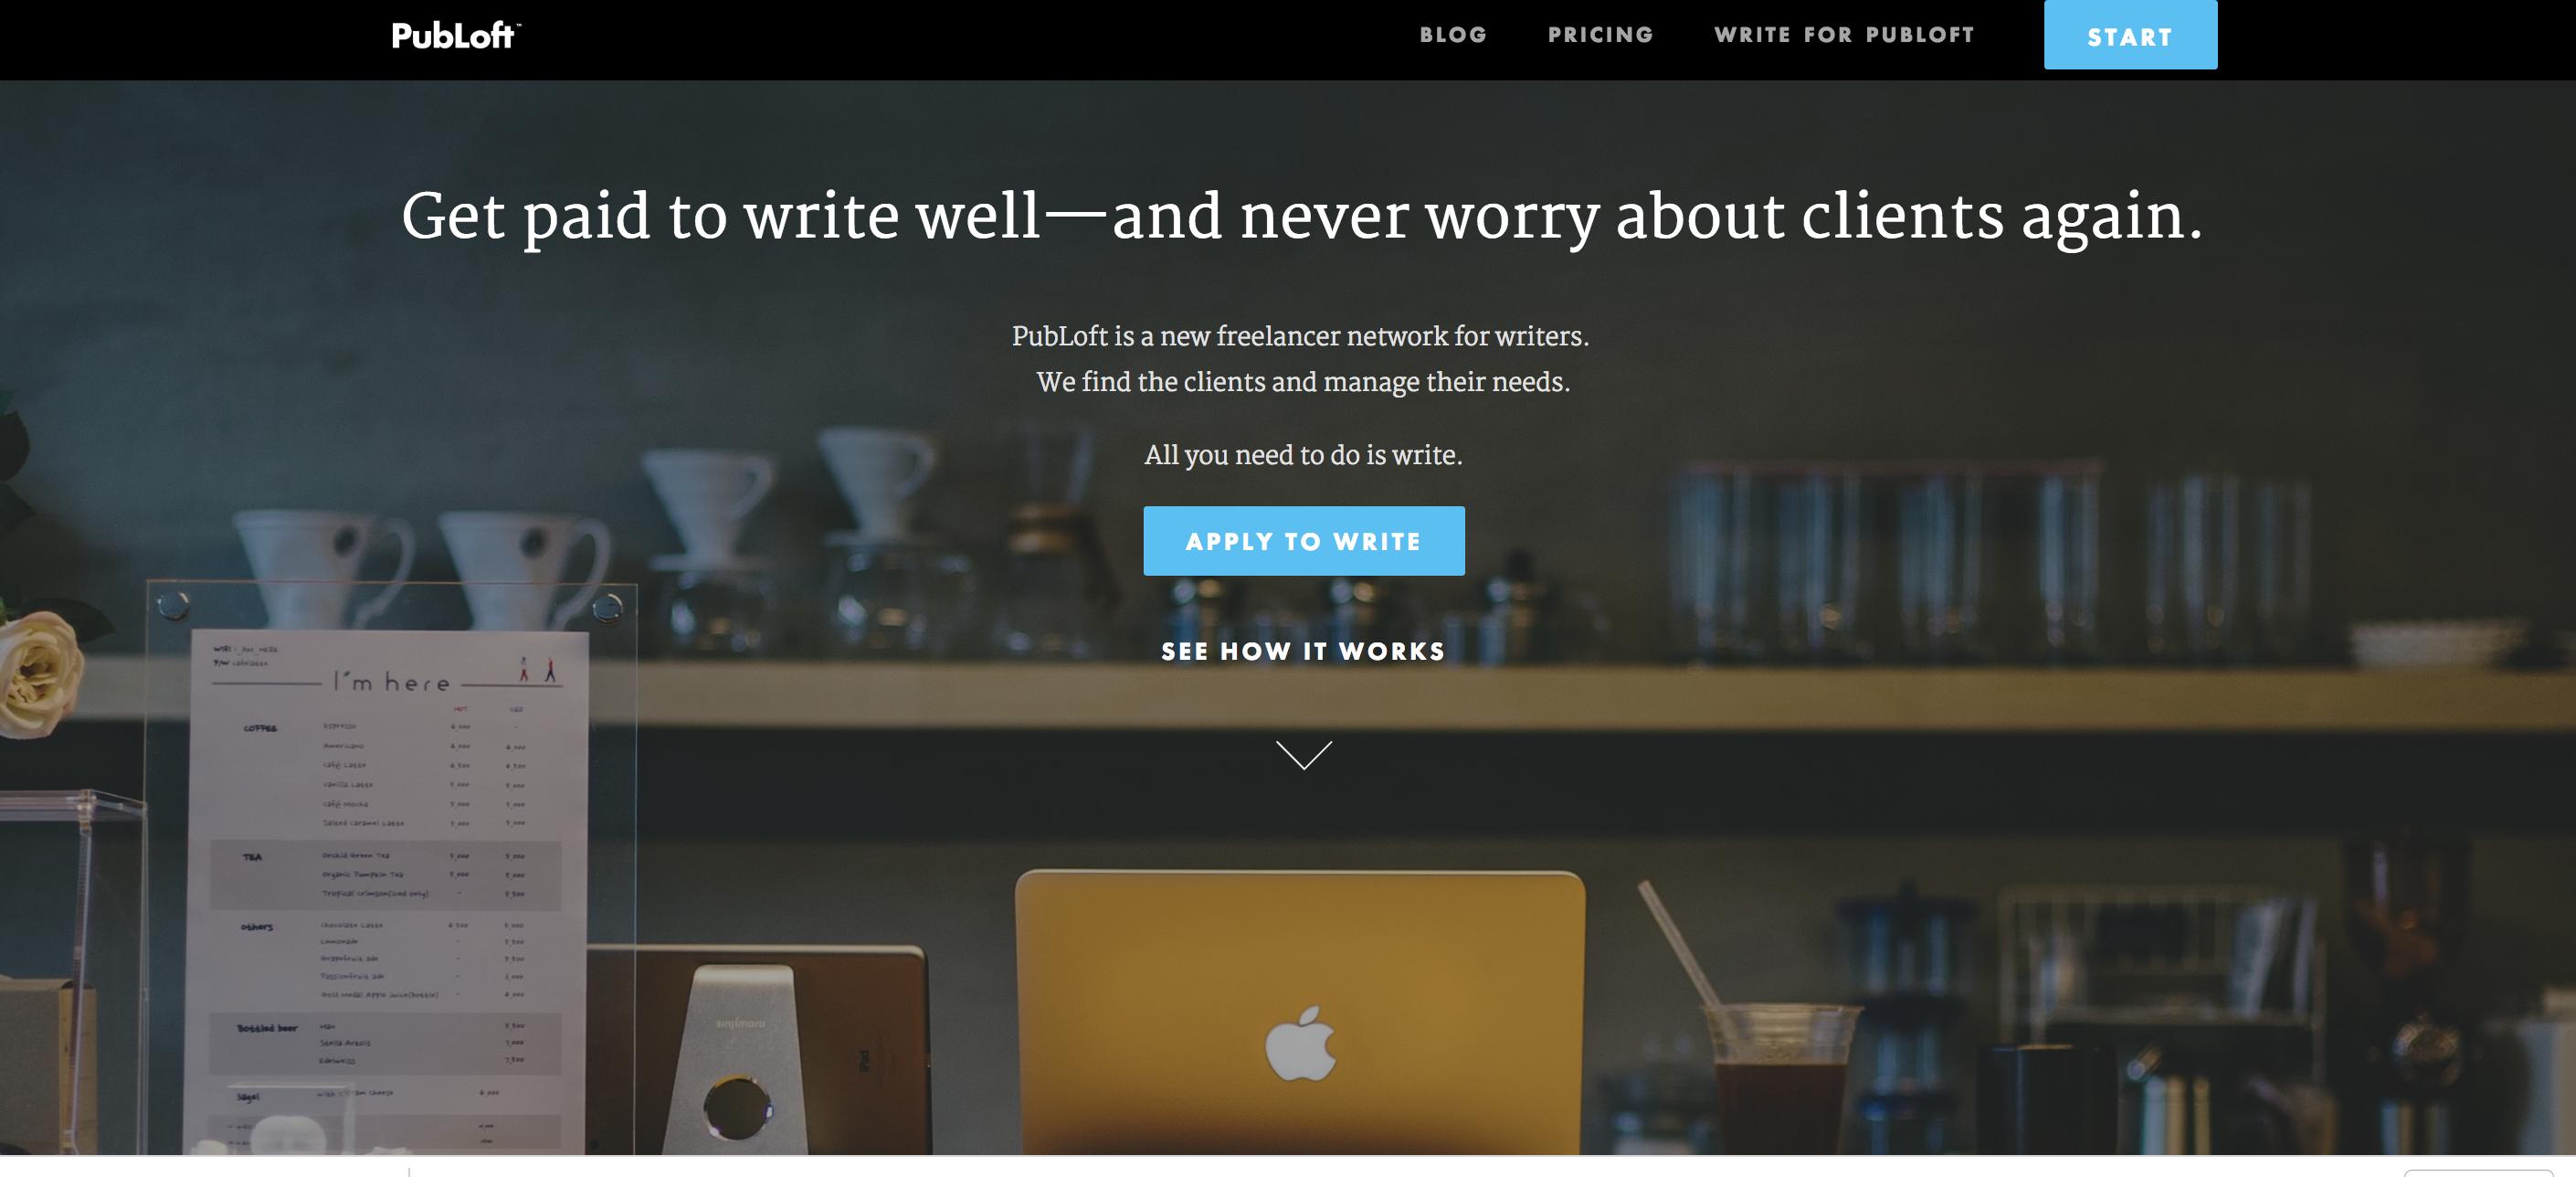 Los mejores sitios web de trabajos independientes PubLoft para escritores